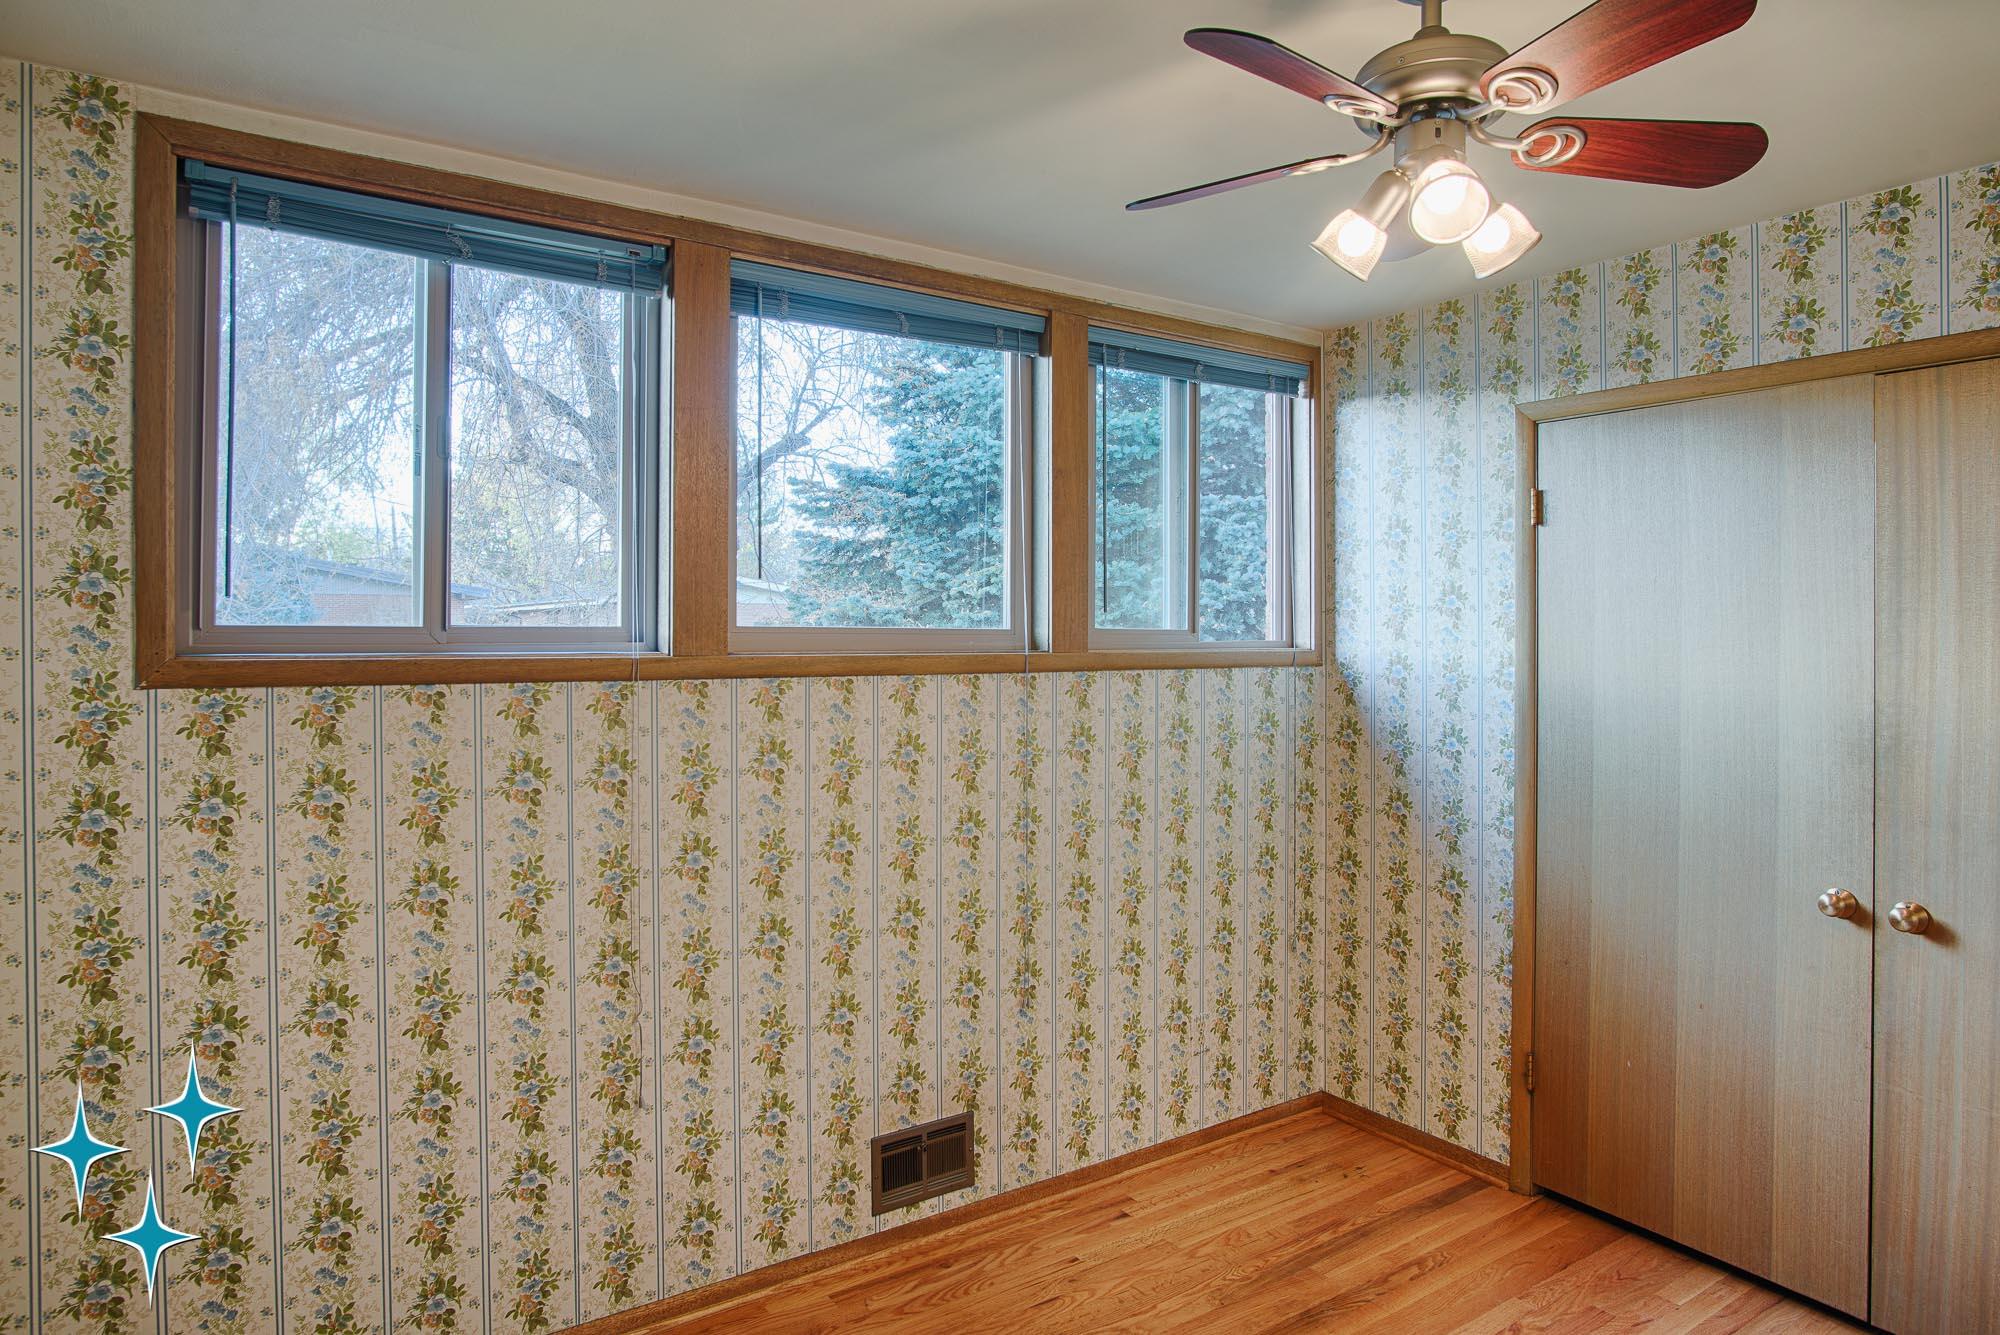 Adrian-Kinney-4155-W-Iliff-Avenue-Denver-r-Carey-Holiday-Home-2000w50-3SWM-26.jpg